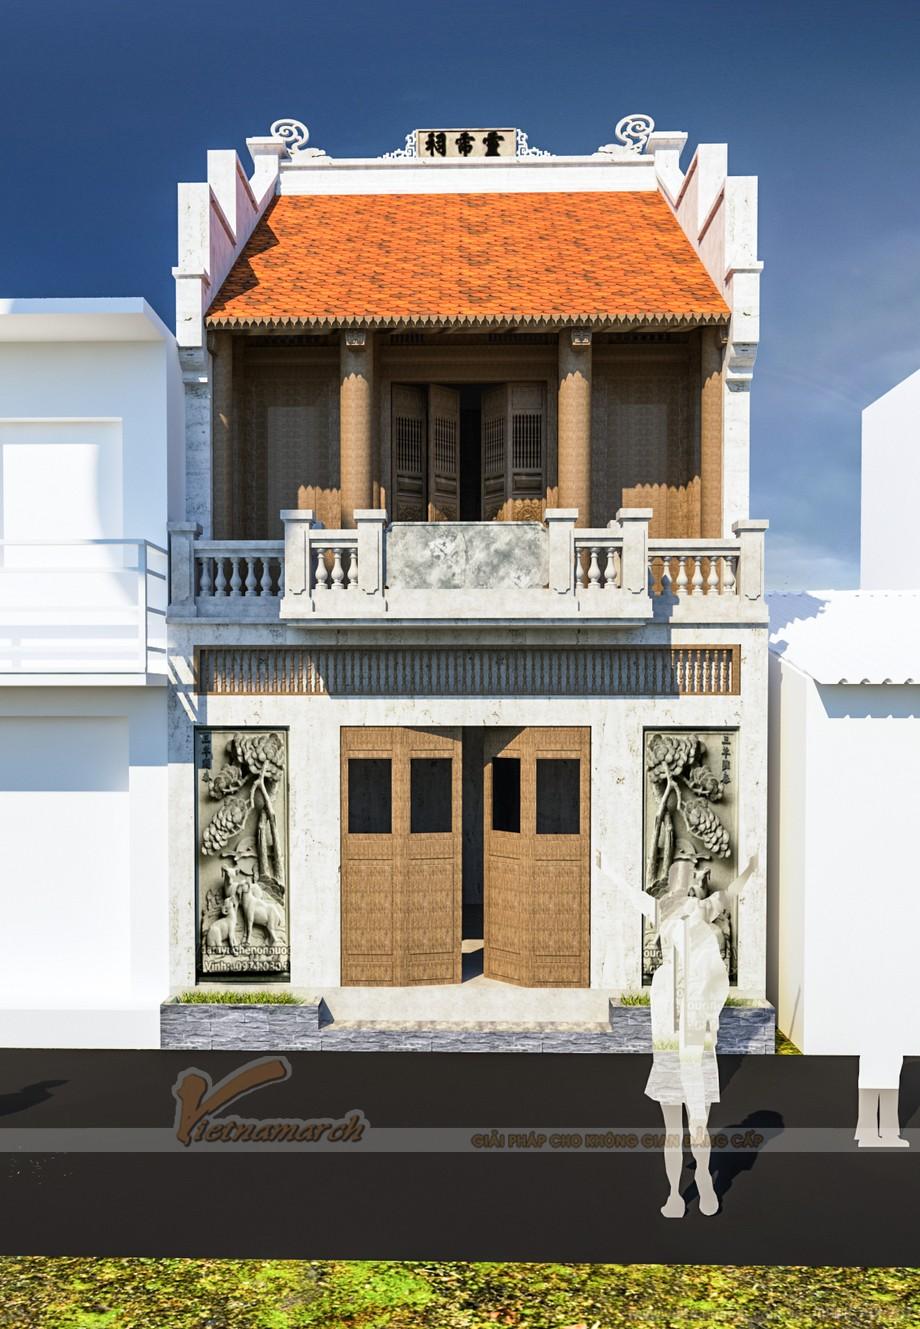 Thiết kế mẫu nhà thờ họ 2 tầng đẹp